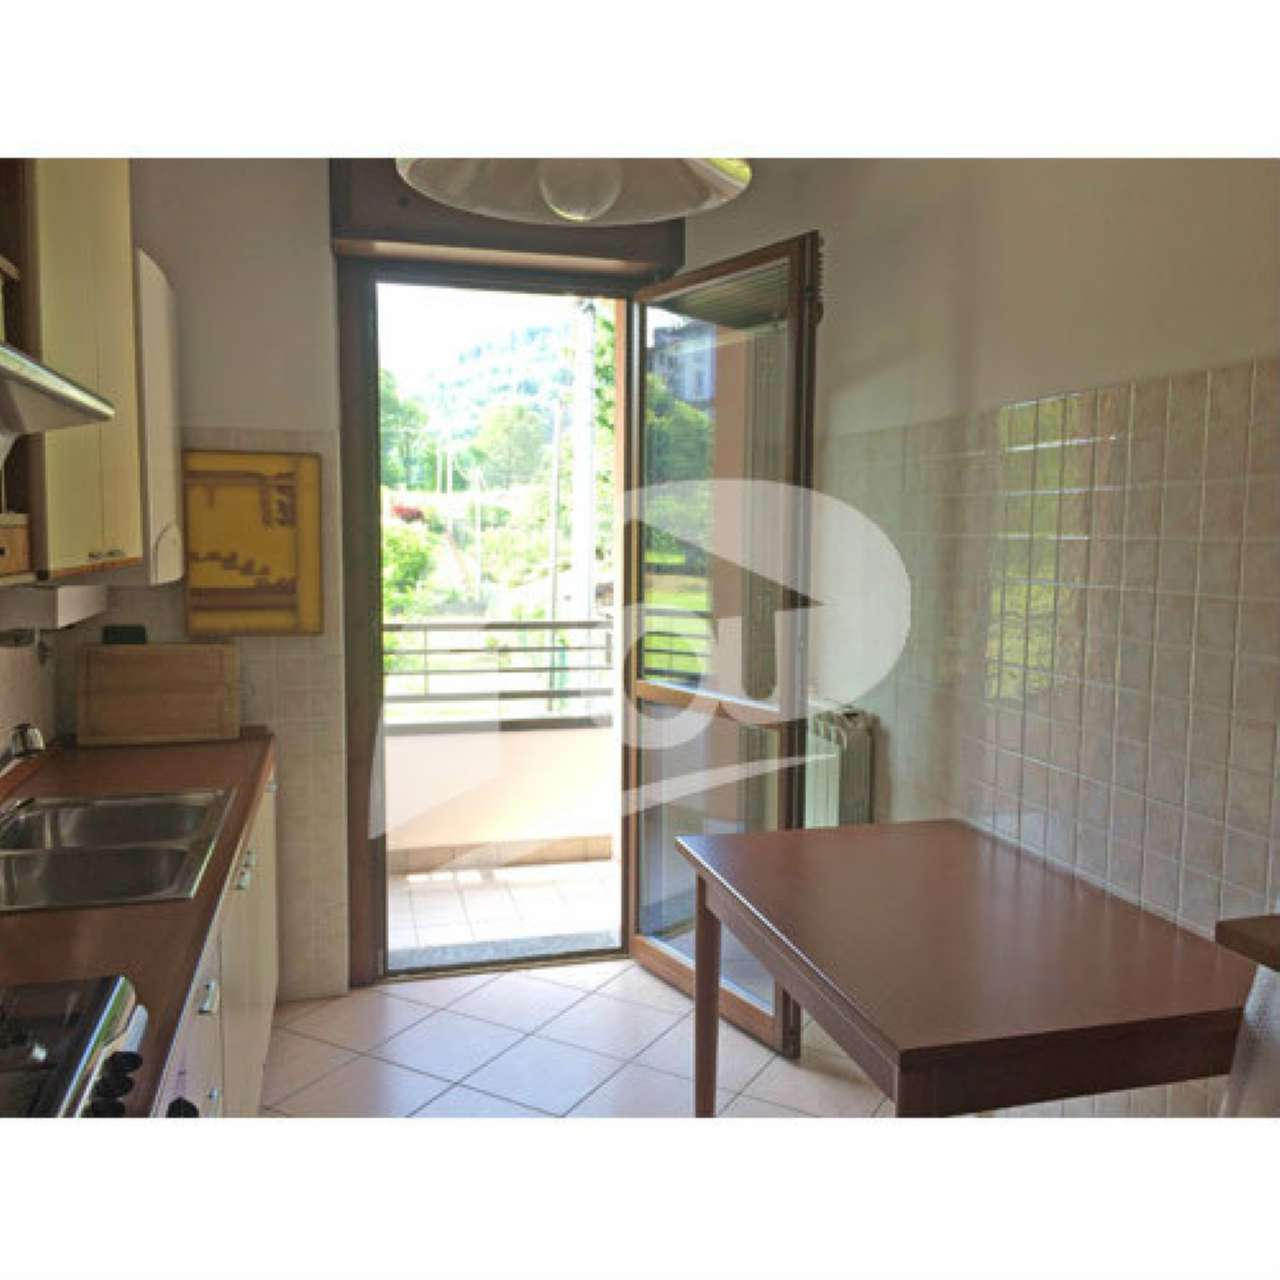 Appartamento in affitto a Cittiglio, 2 locali, prezzo € 500 | CambioCasa.it